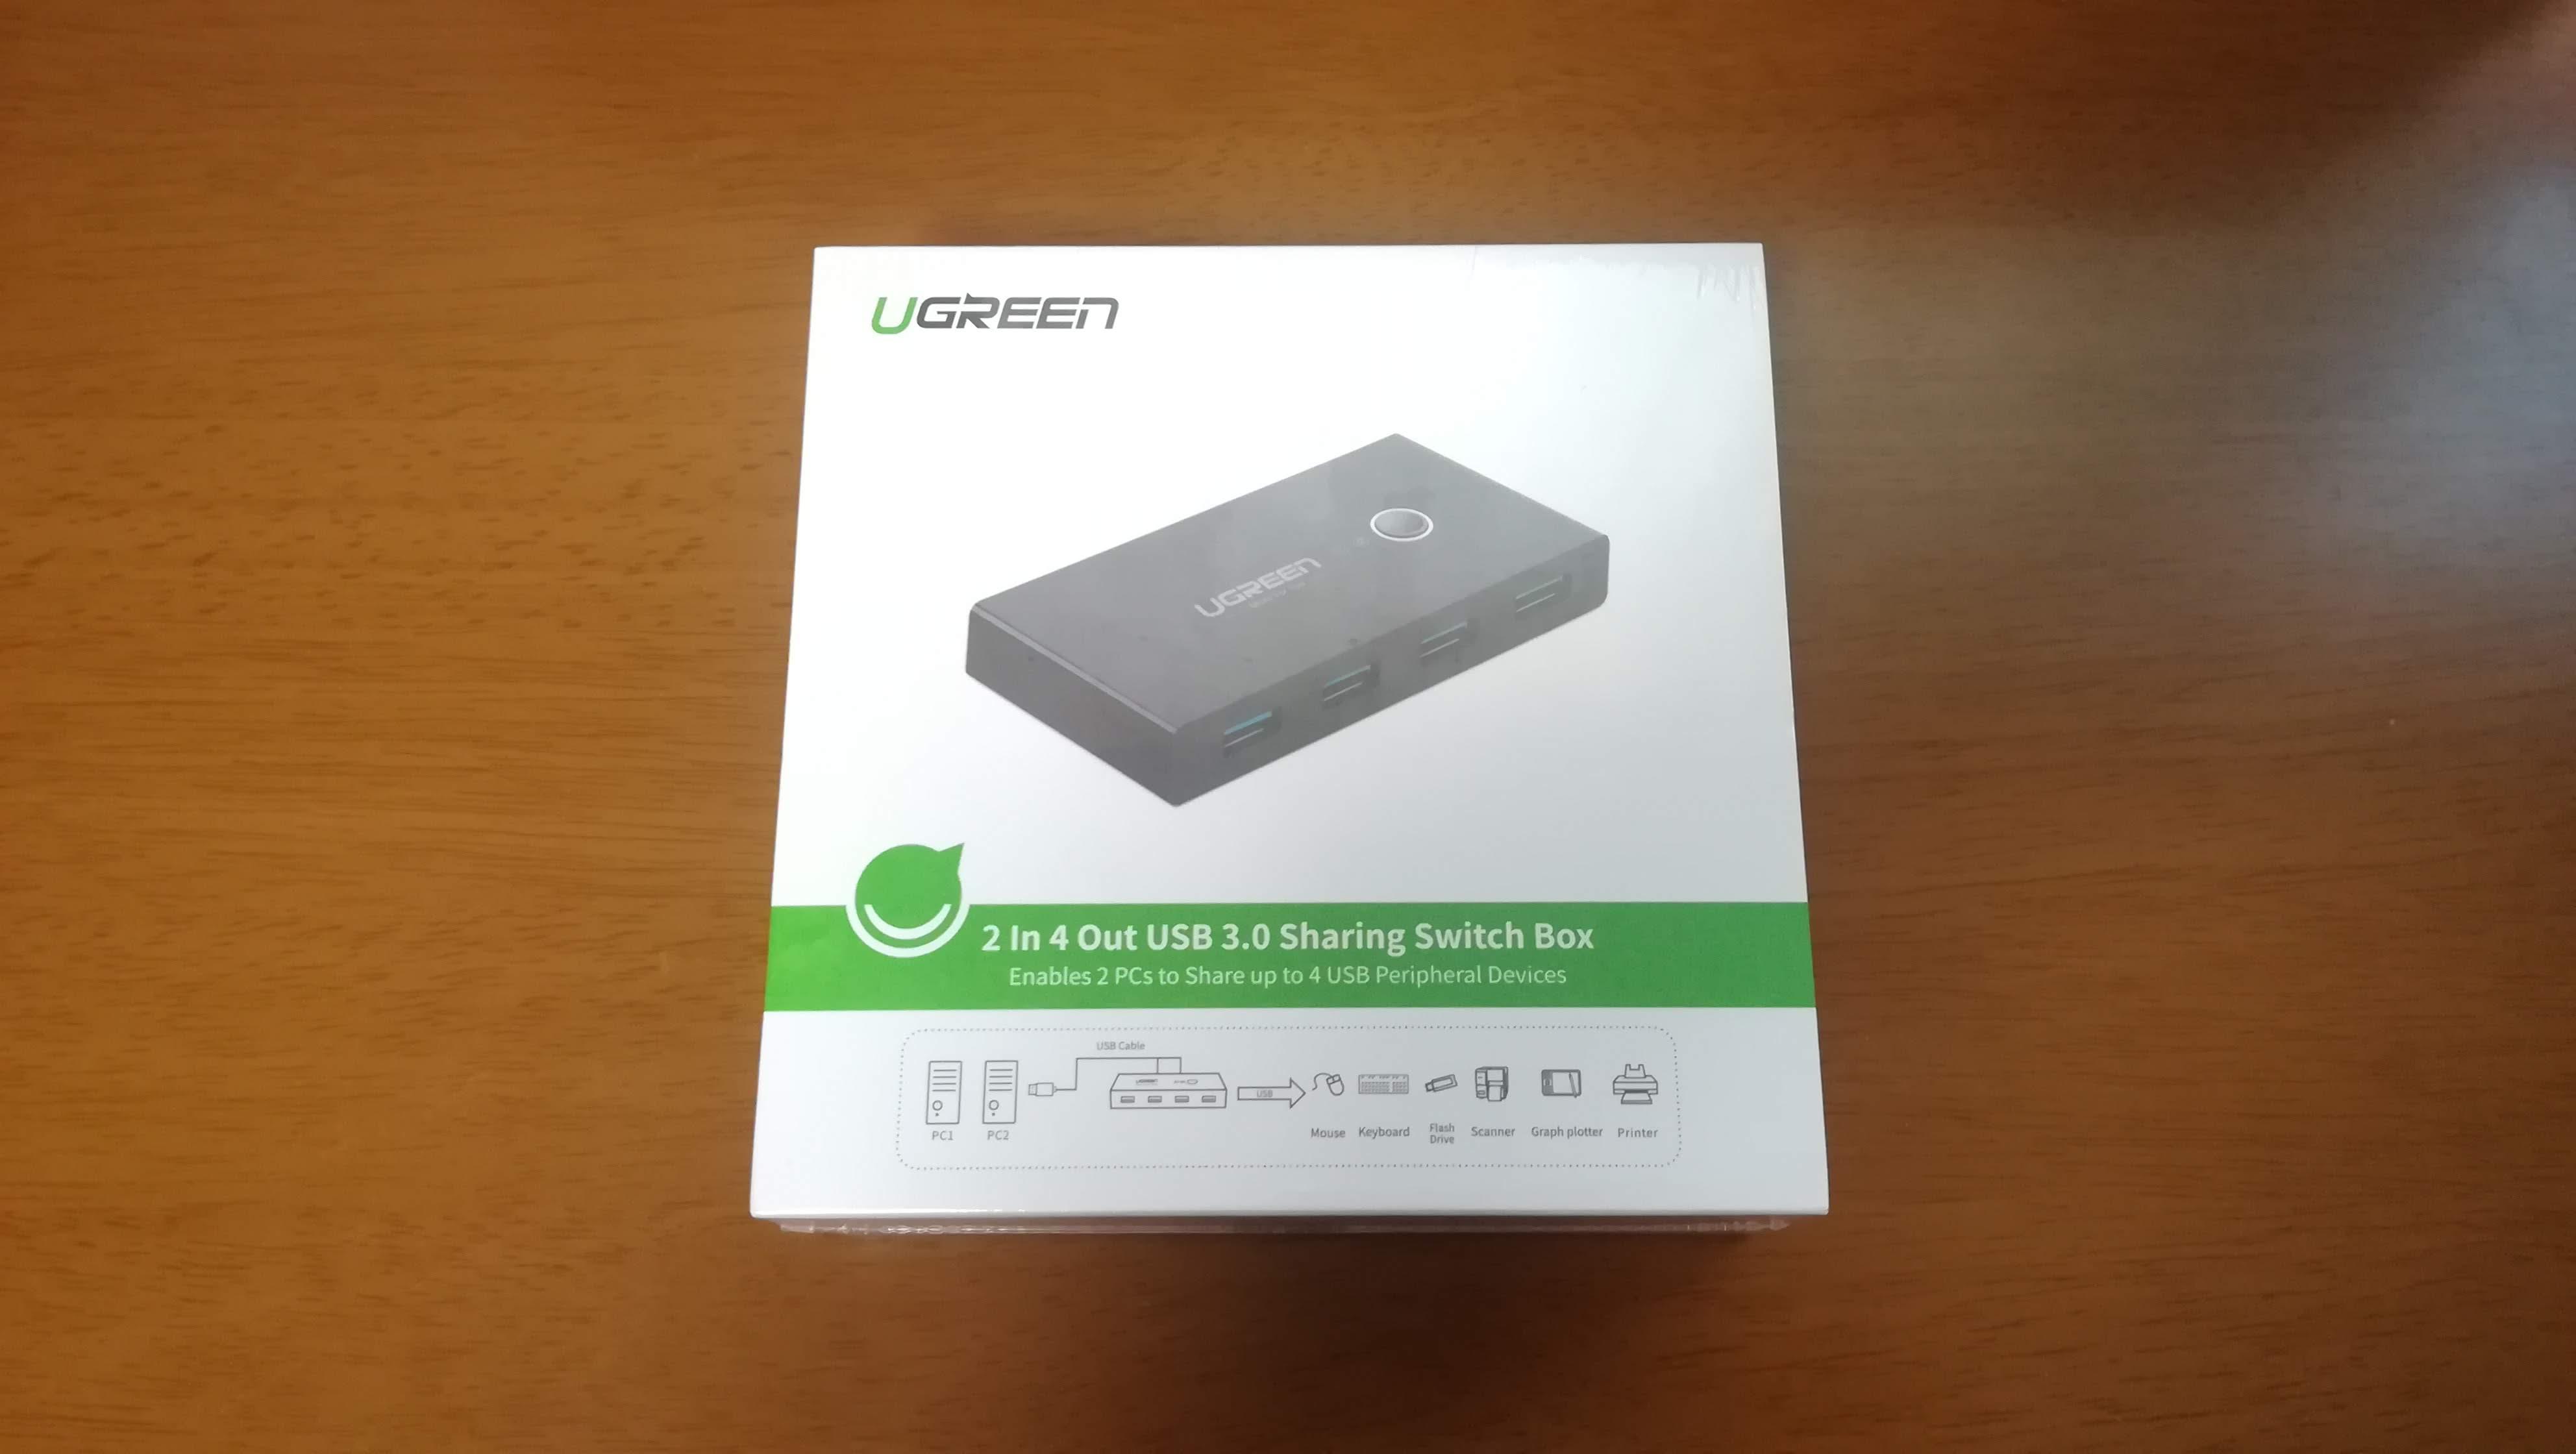 【UGREEN】USB切替器レビュー!キーボードもメモリもワンタッチで切り替え可能!【おすすめ】